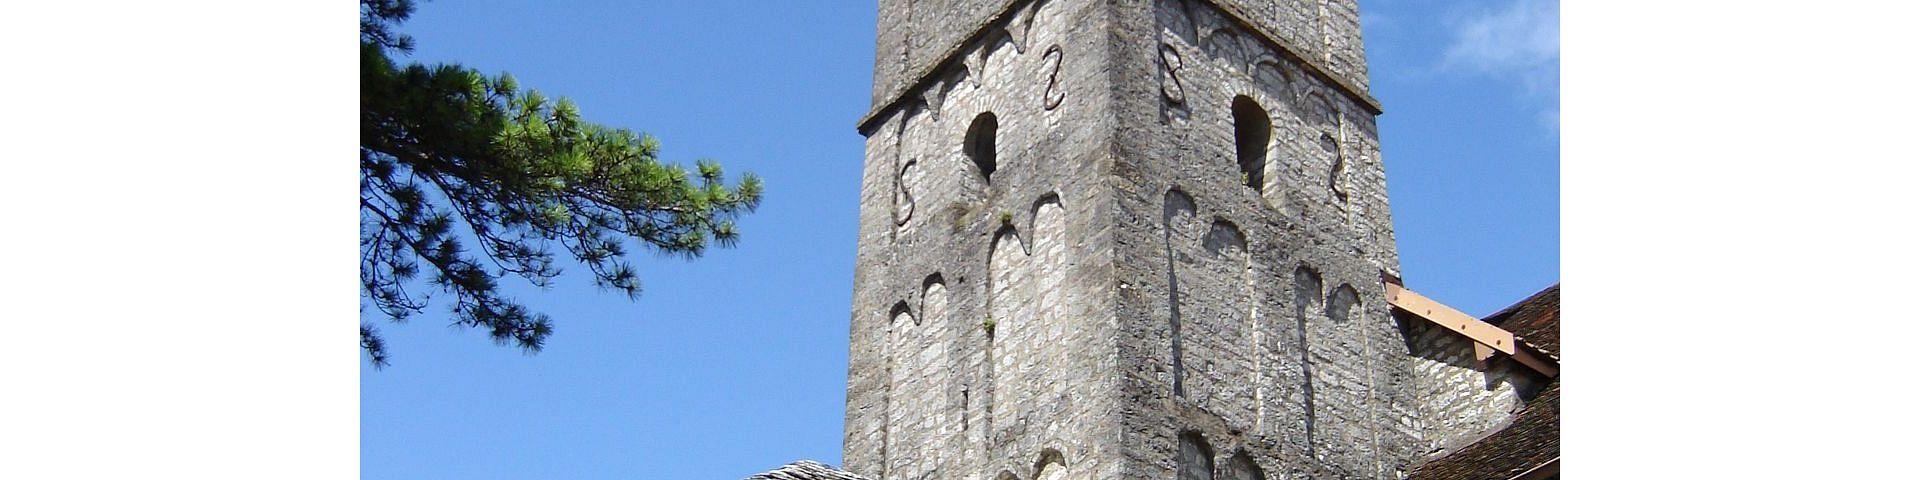 Boussières - Eglise (25)